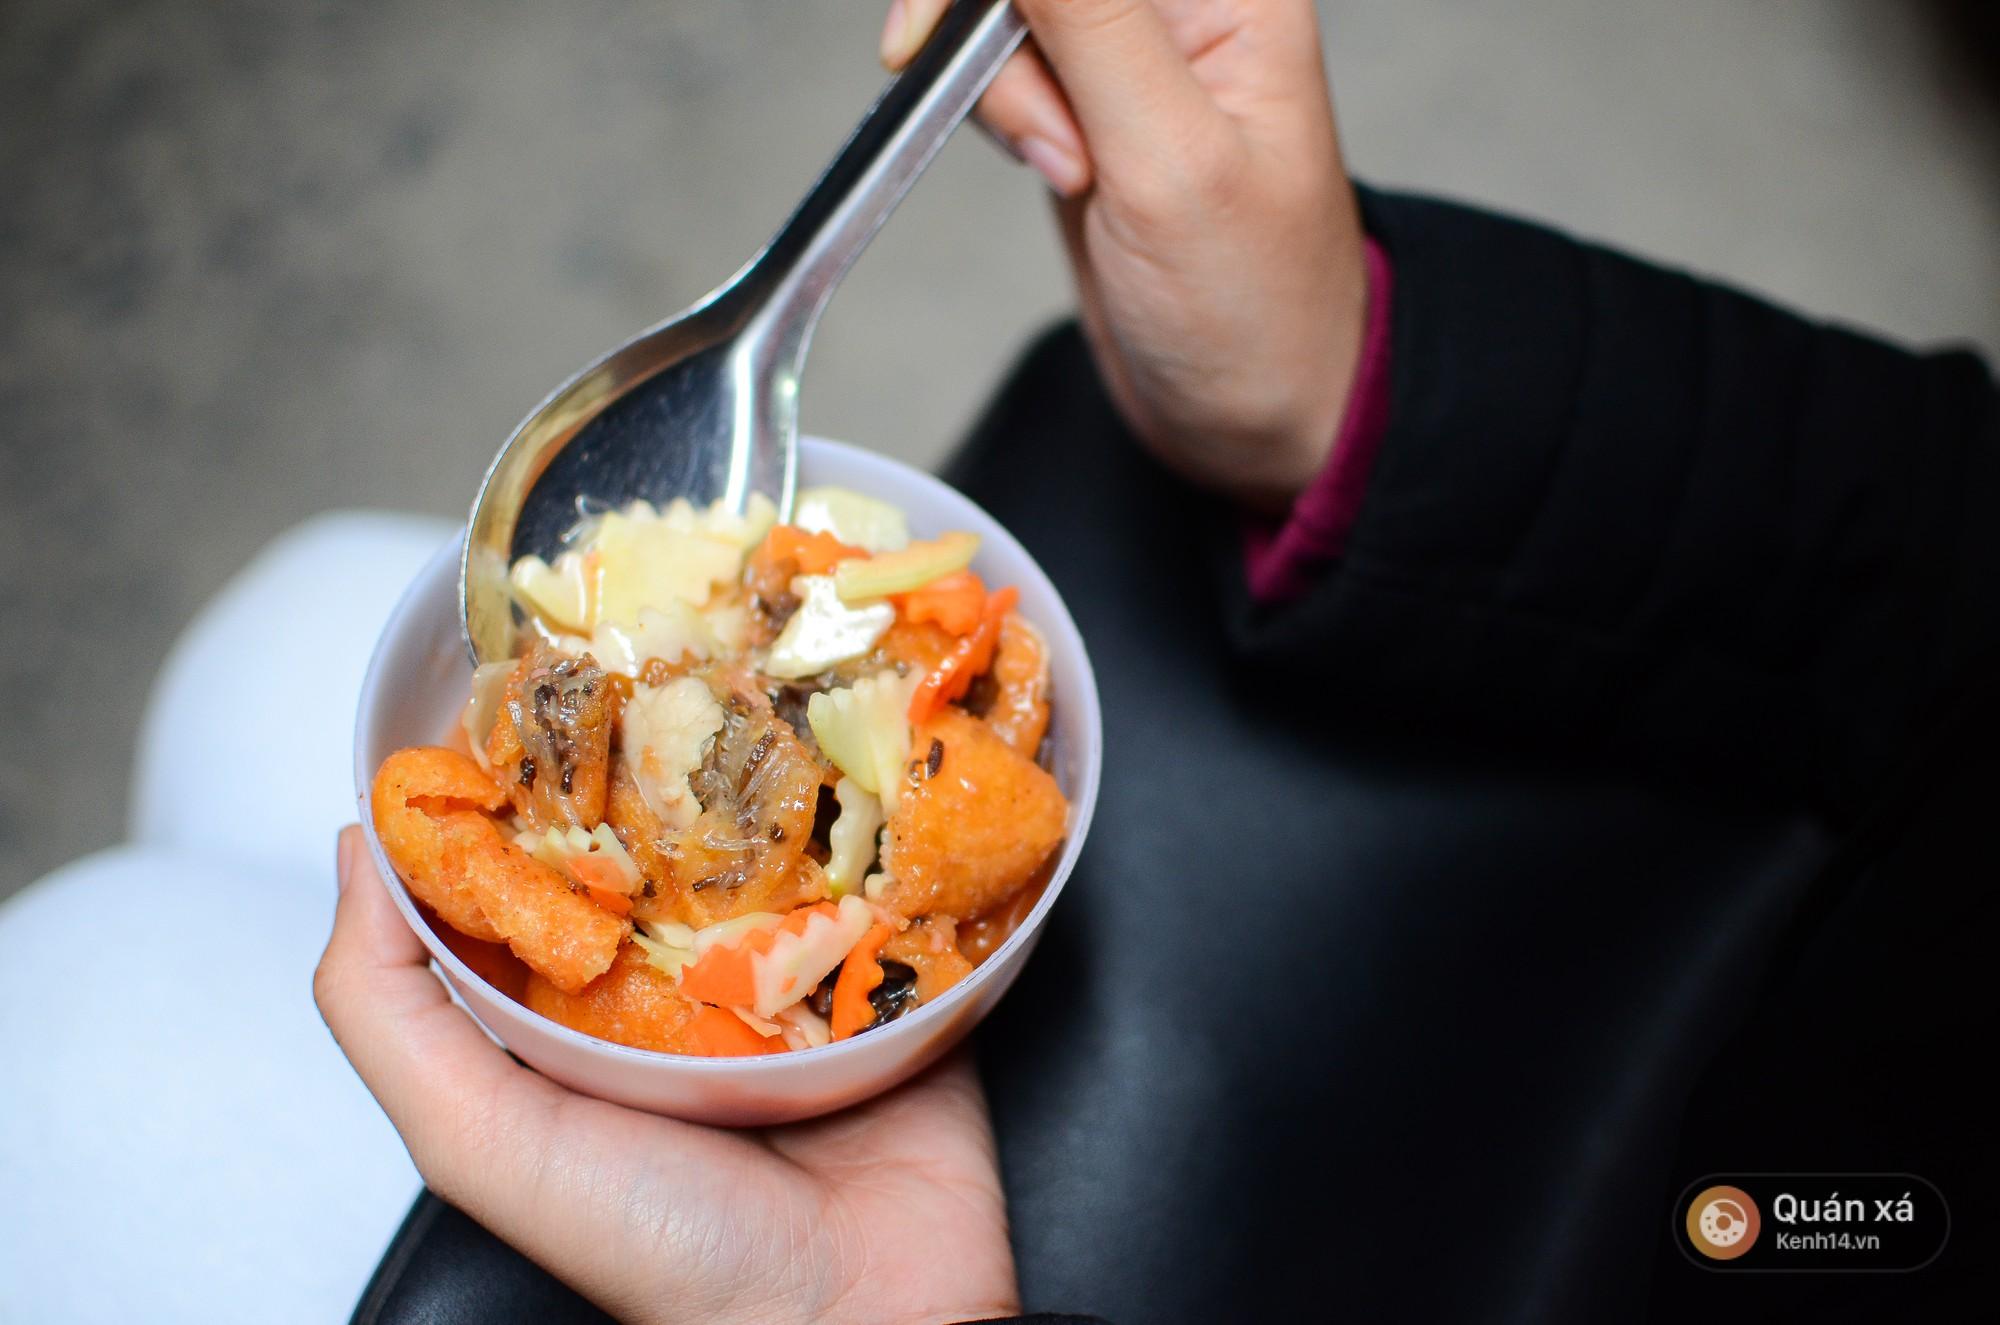 Tuyển tập các món mùa đông năm nào cũng nhớ: chỉ từ 10k mà ăn tẹt ga - Ảnh 20.